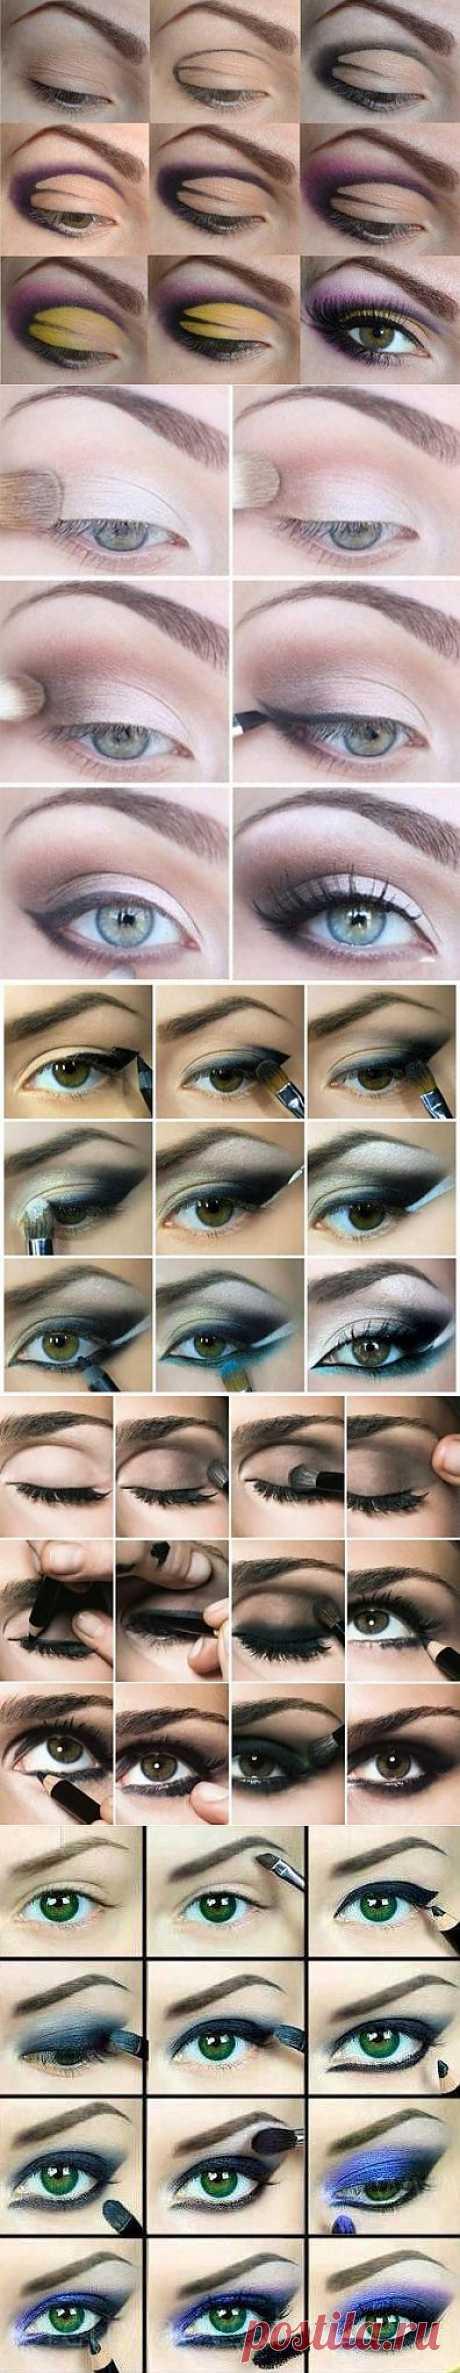 5 эффектных вариантов макияжа для новогодней ночи